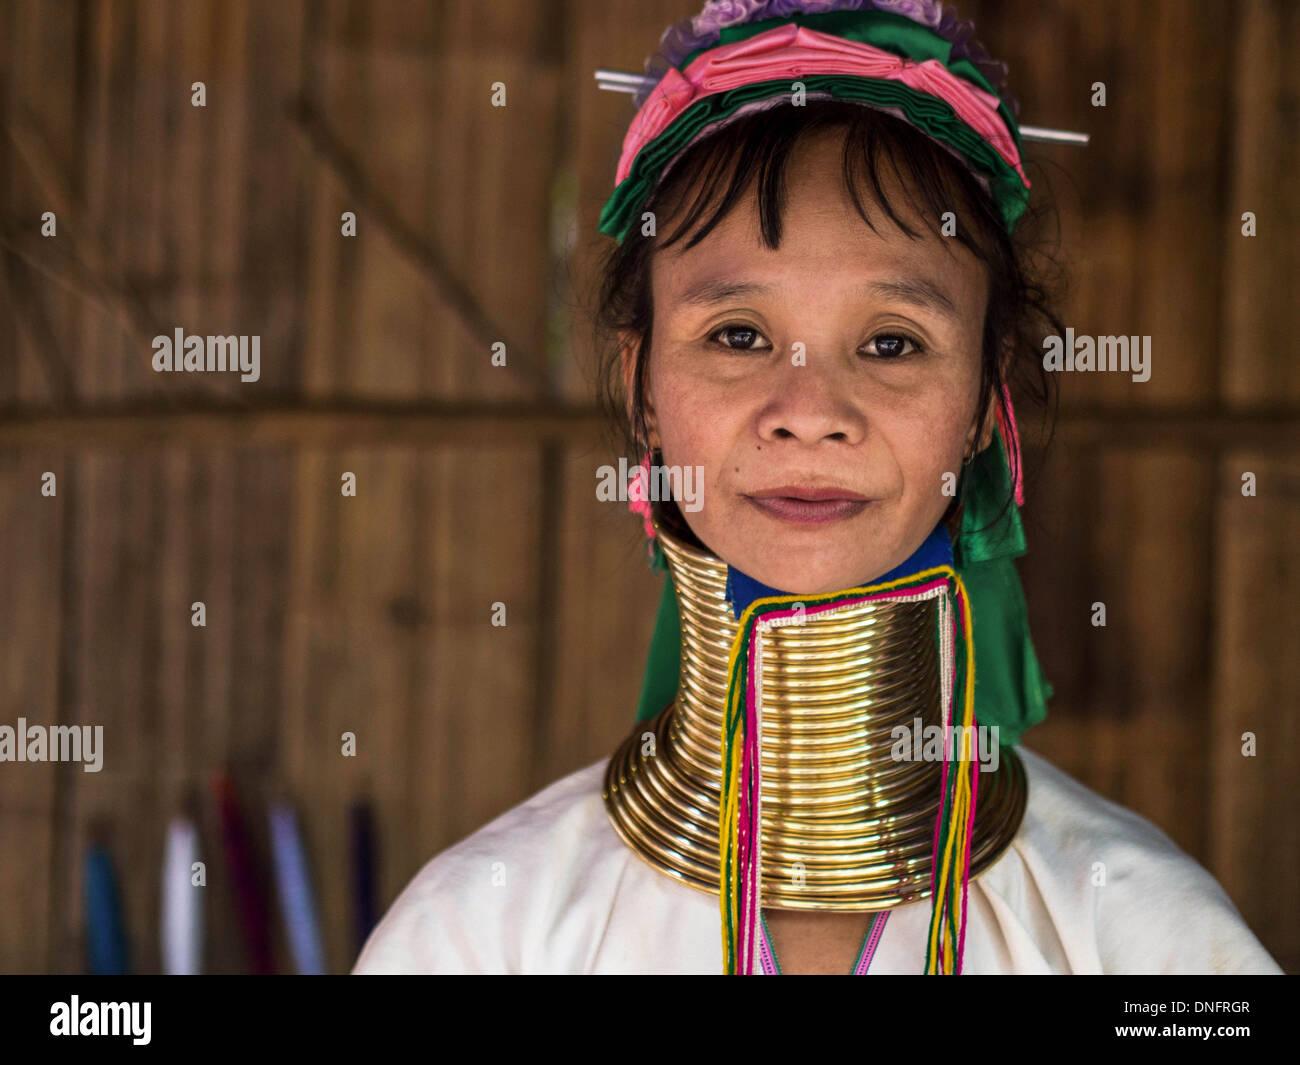 Karen Langhals Frau Hill Tribe Dorf in der Nähe von Chiang Mai, Thailand. Stockfoto